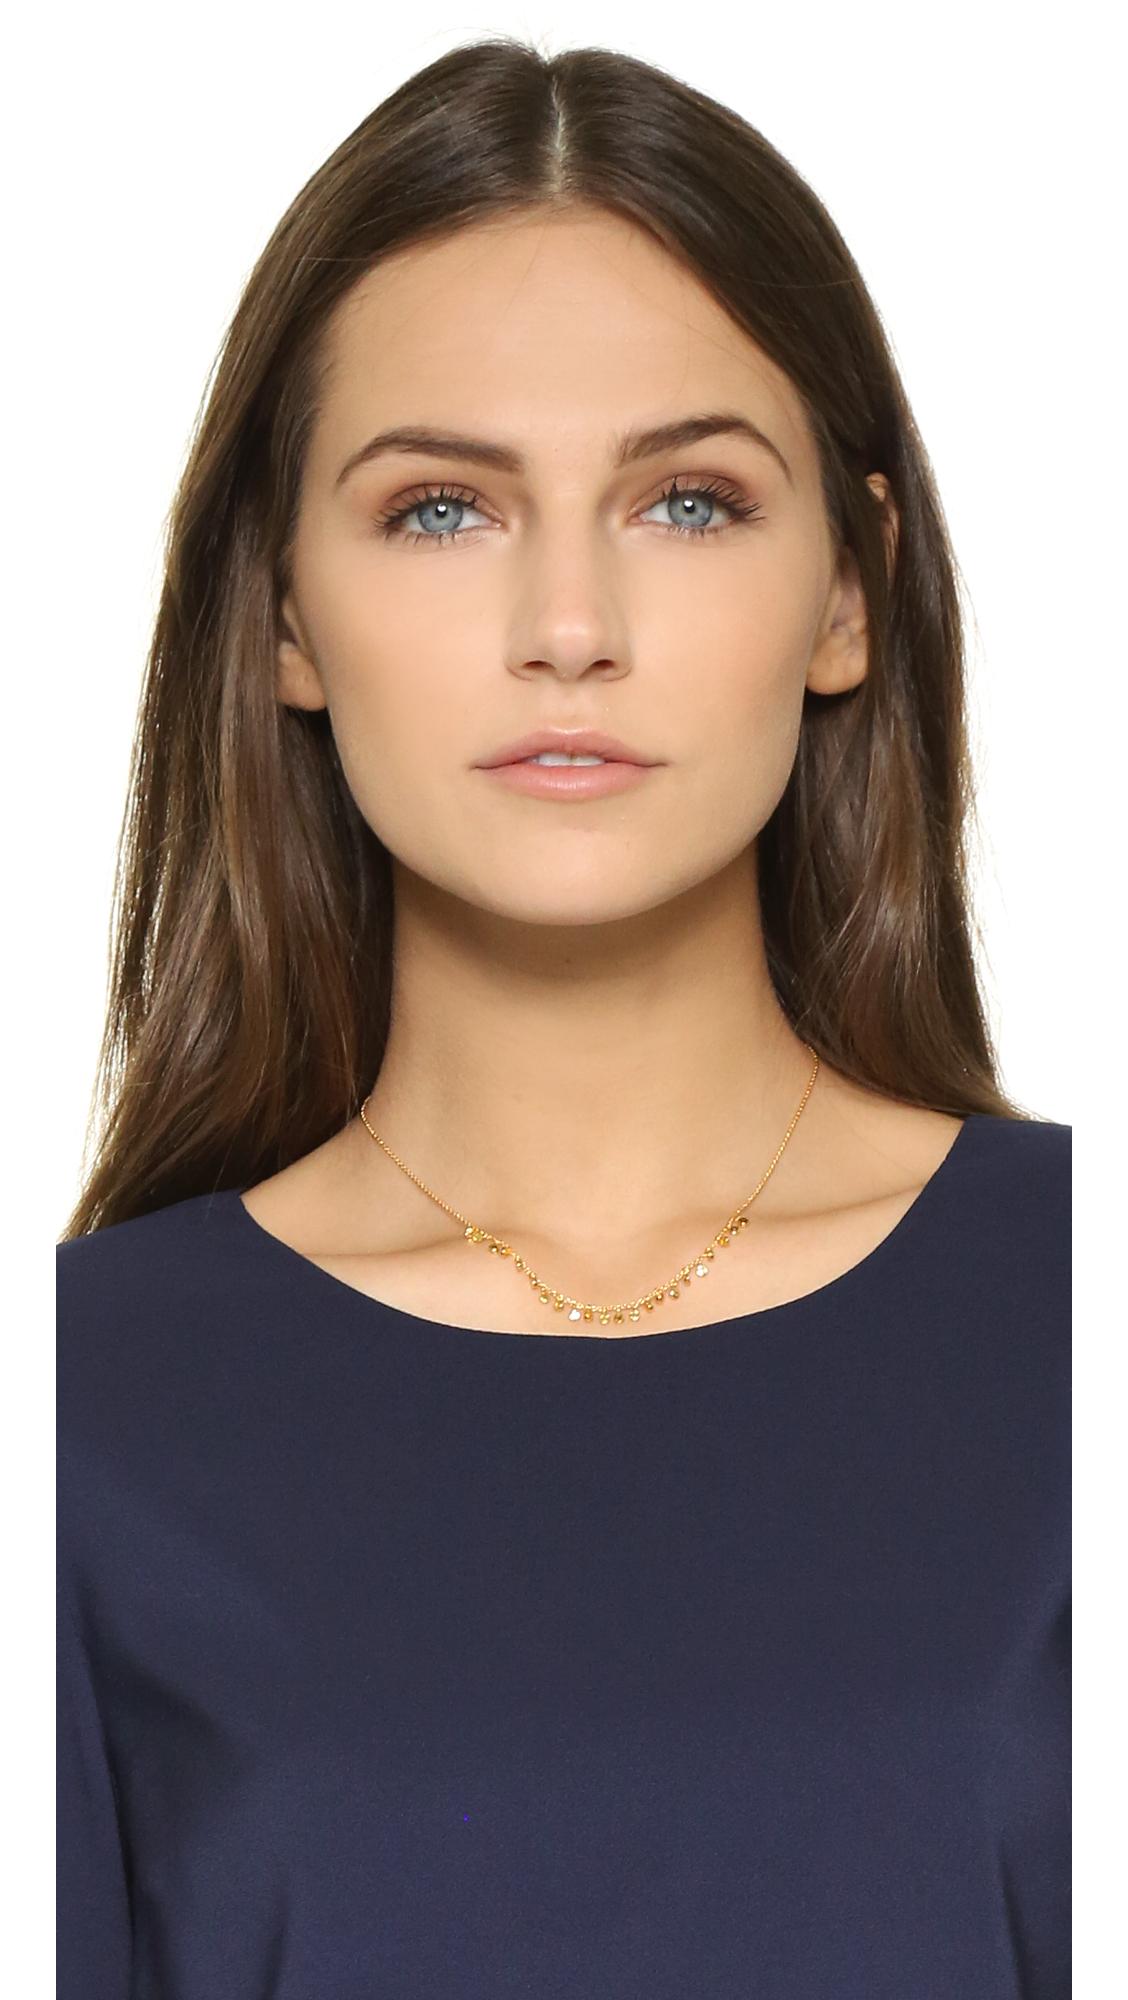 Gorjana Chloe Mini Necklace IrYXTkoIi0